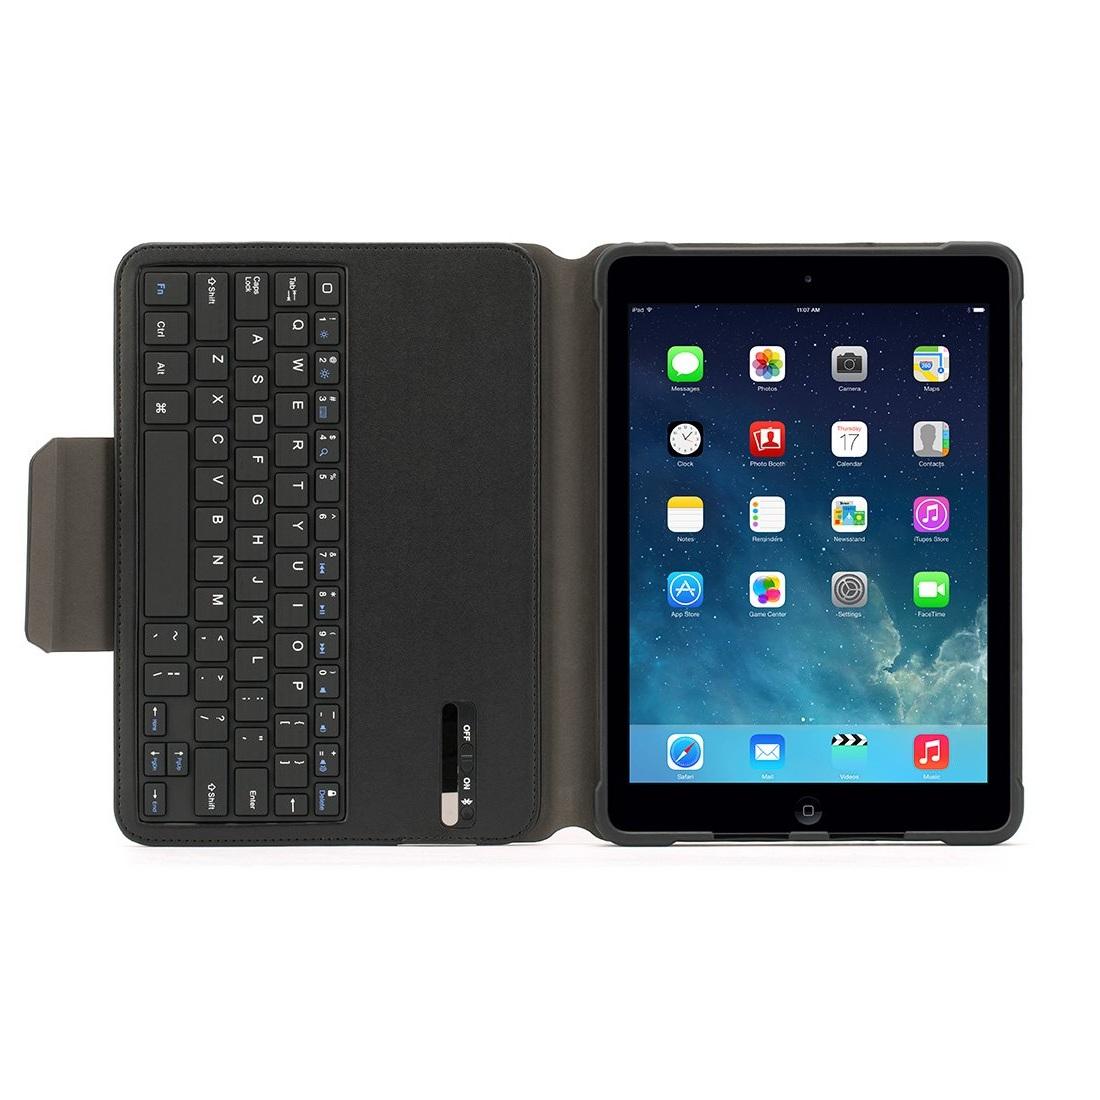 Griffin Turnfolio Keyboard Case - безжична клавиатура (отделяща се), кейс и поставка за iPad Air 2